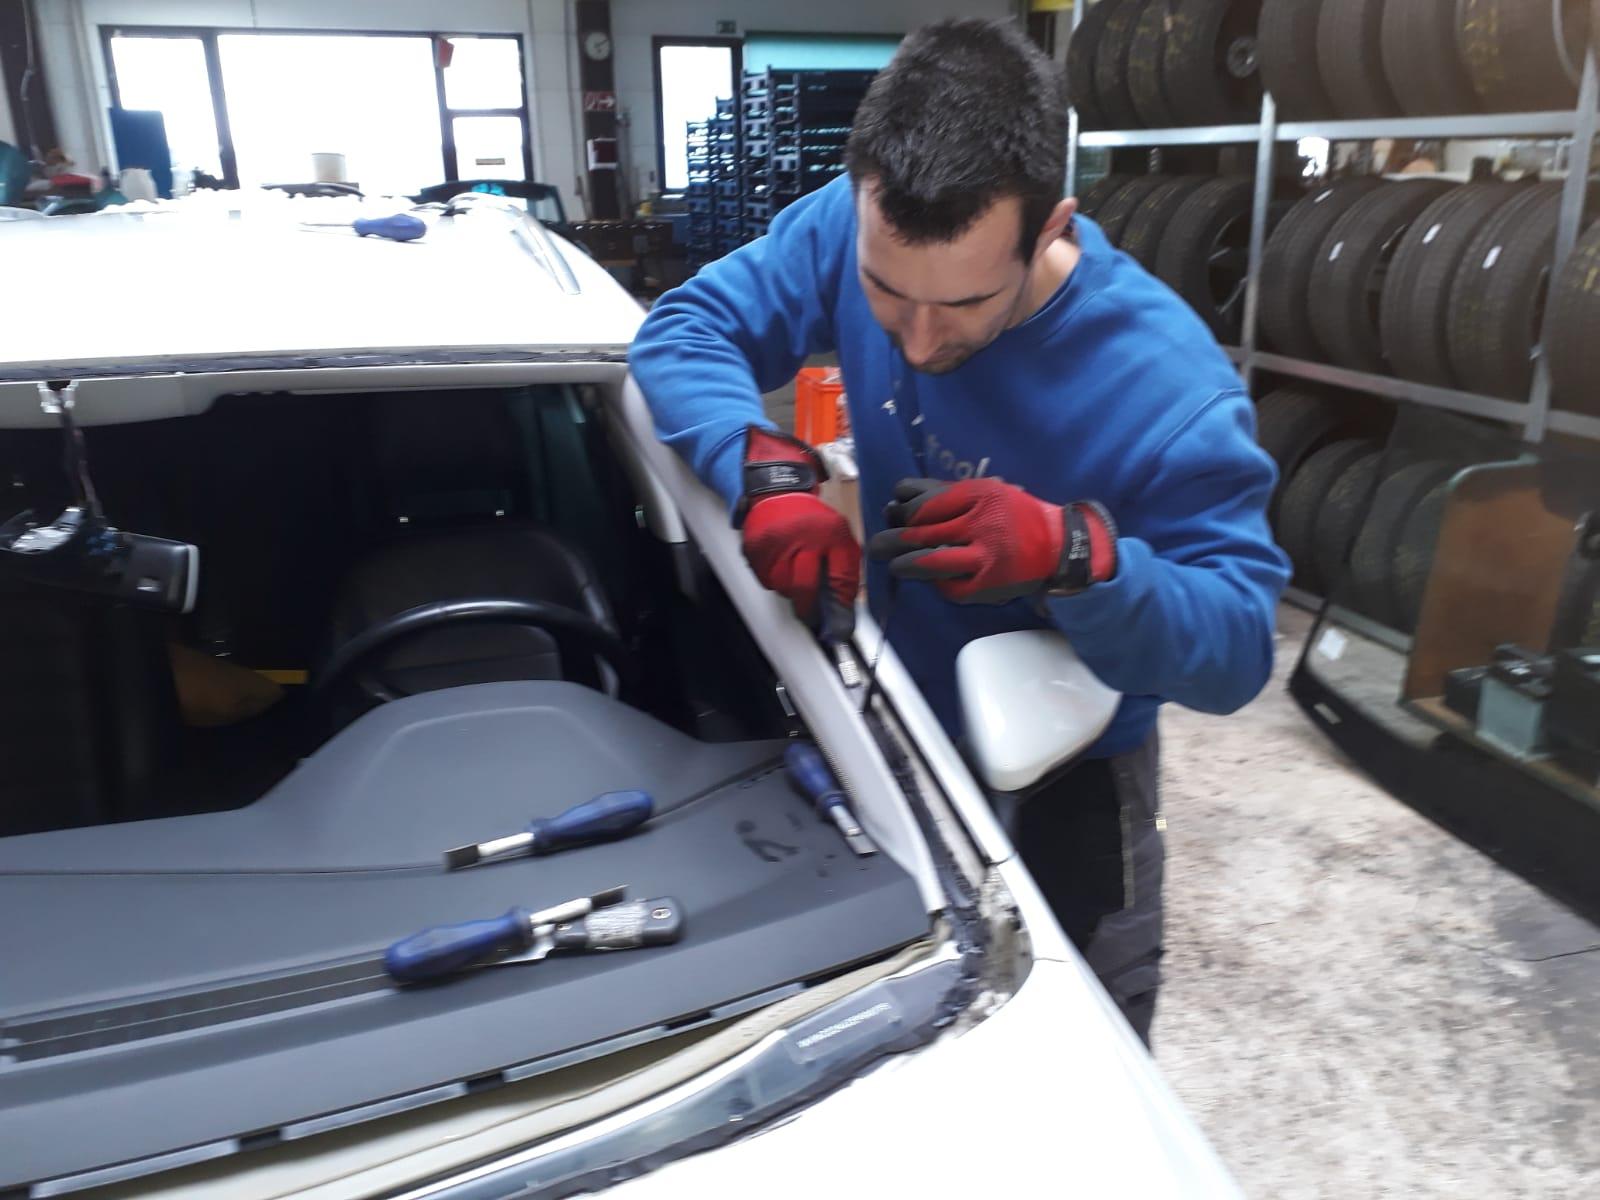 Entfernen der Klebereste vor Einbau der neuen Autoscheibe